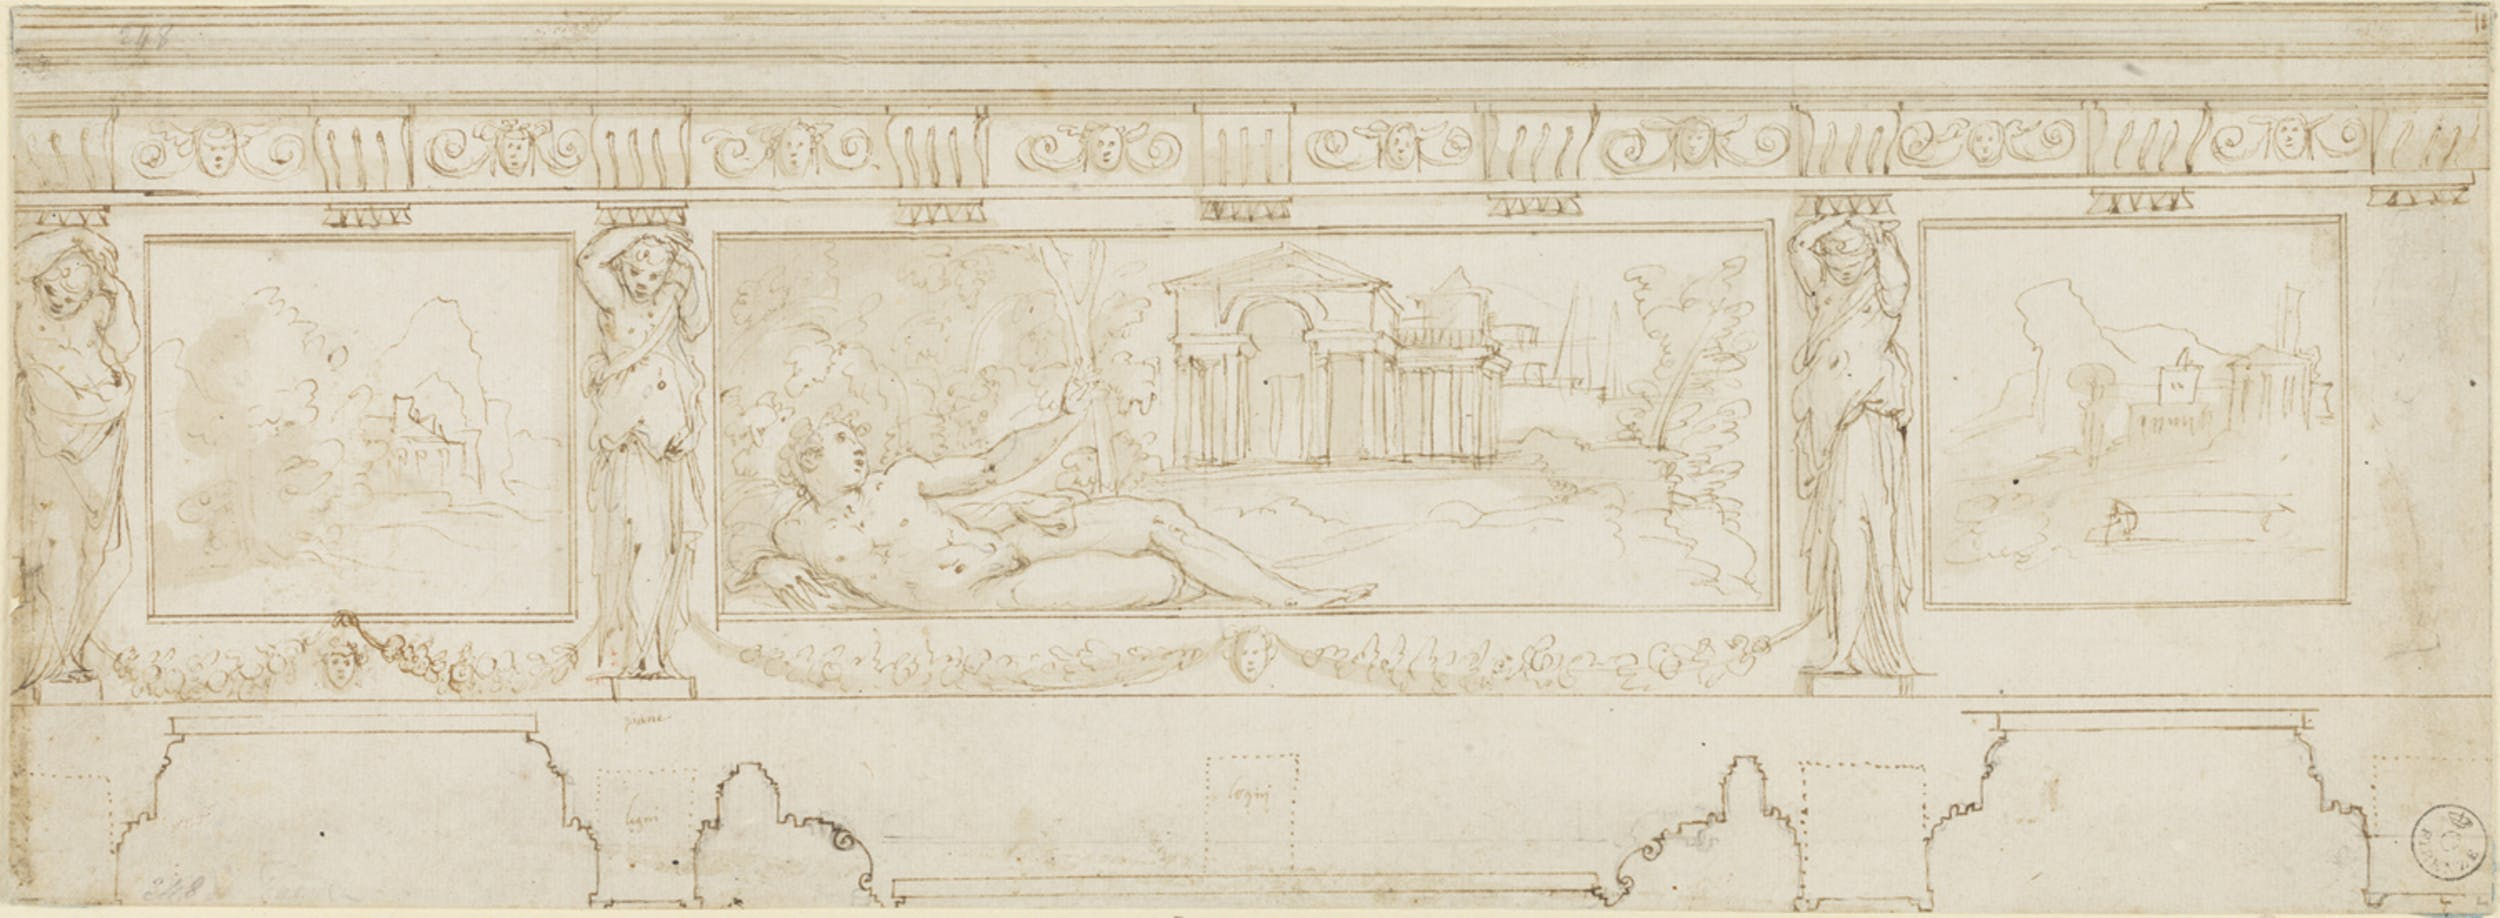 Giorgio Vasari Studio per fregio penna e acquerello su carta bianca Gabinetto dei Disegni e delle Stampe, Gallerie degli Uffizi, Firenze